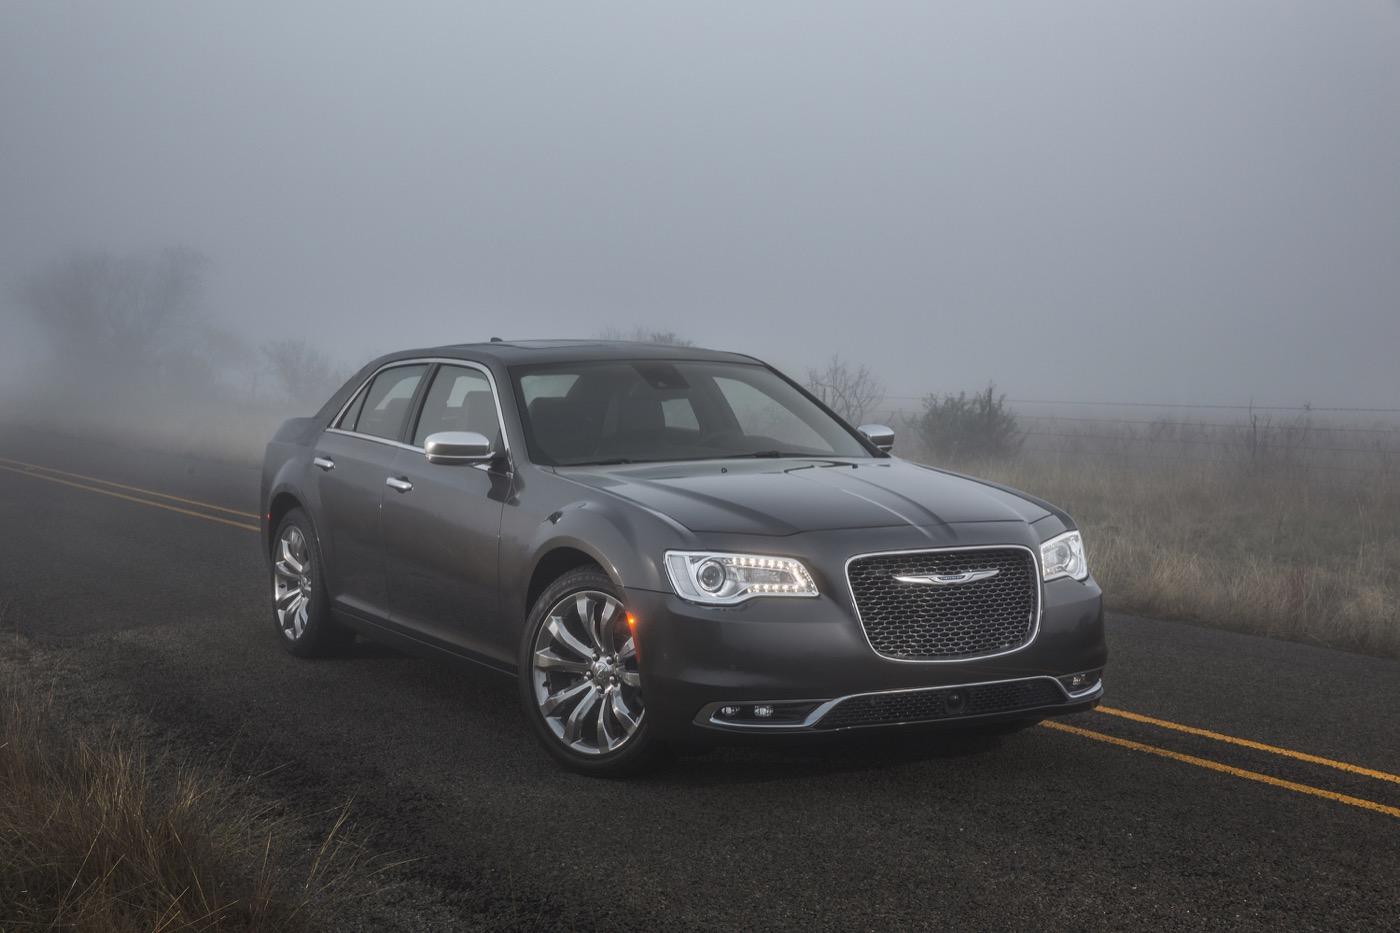 QOTD: Автомобилям Fiat Chrysler нужны больше автомобилей?